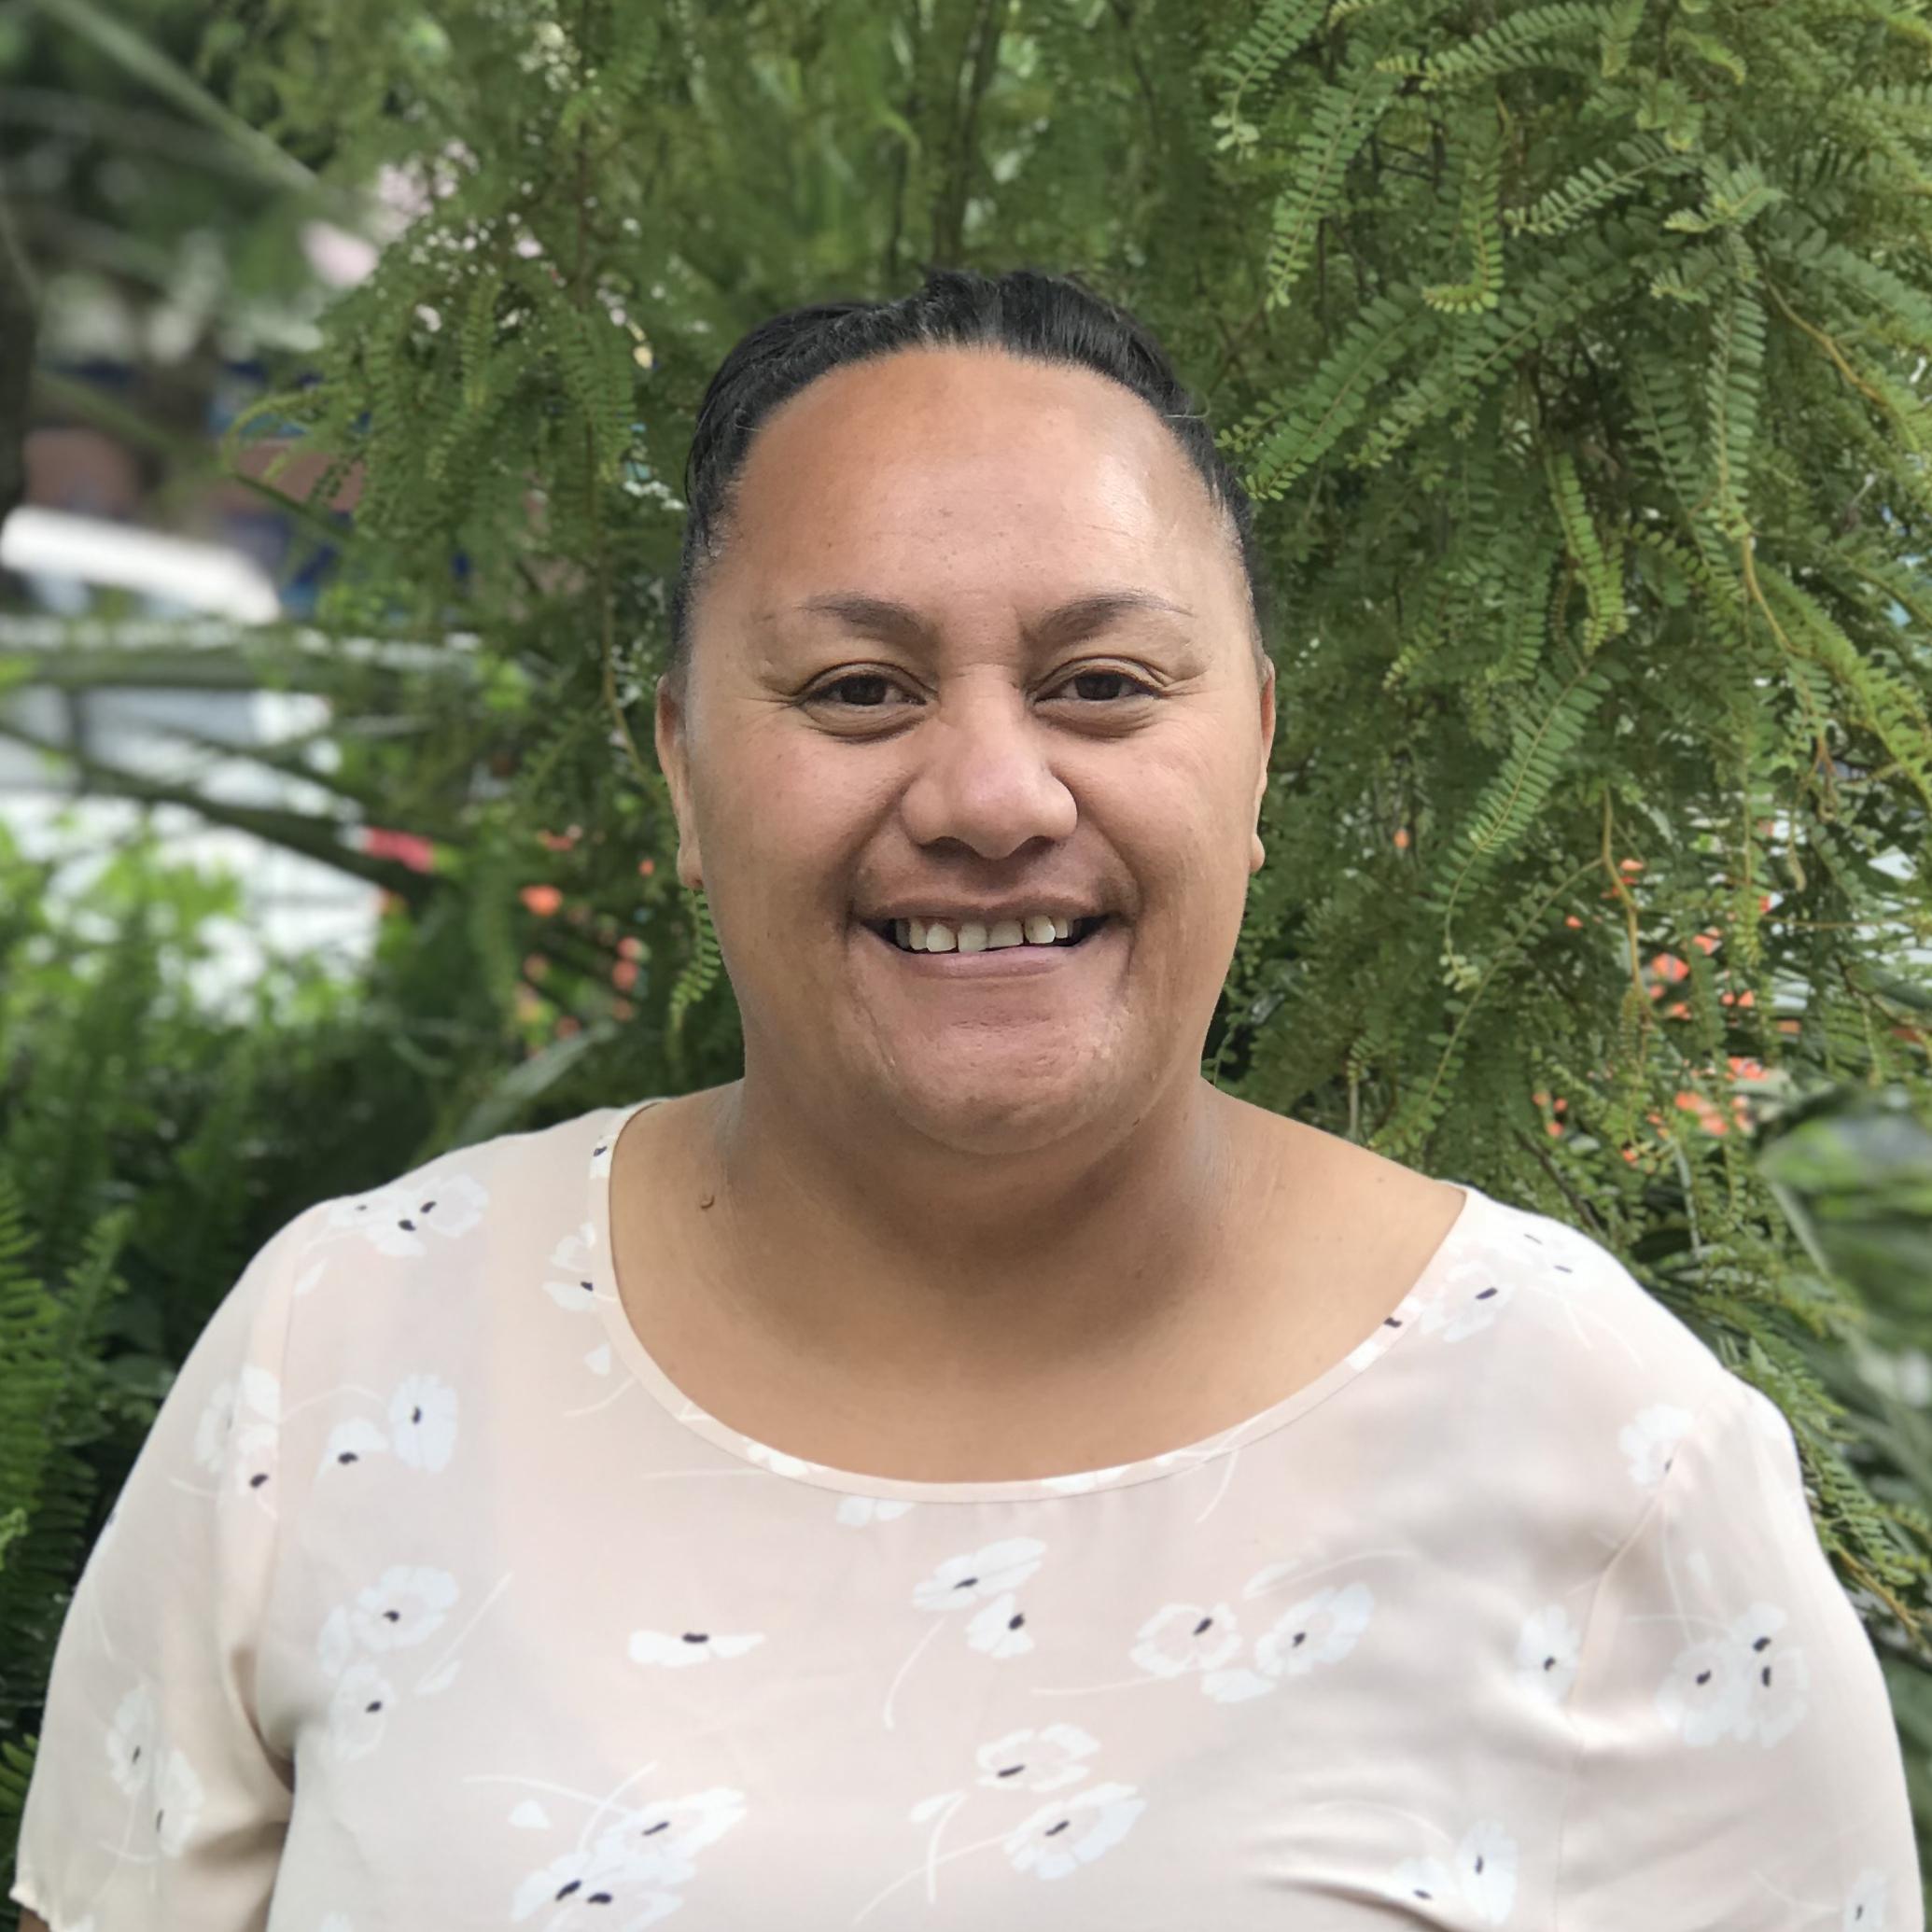 MARCIA TAIKATO-WHAUWHAU - Kai Whakahaere Rangatahi / Te Orokohanga Facilitator